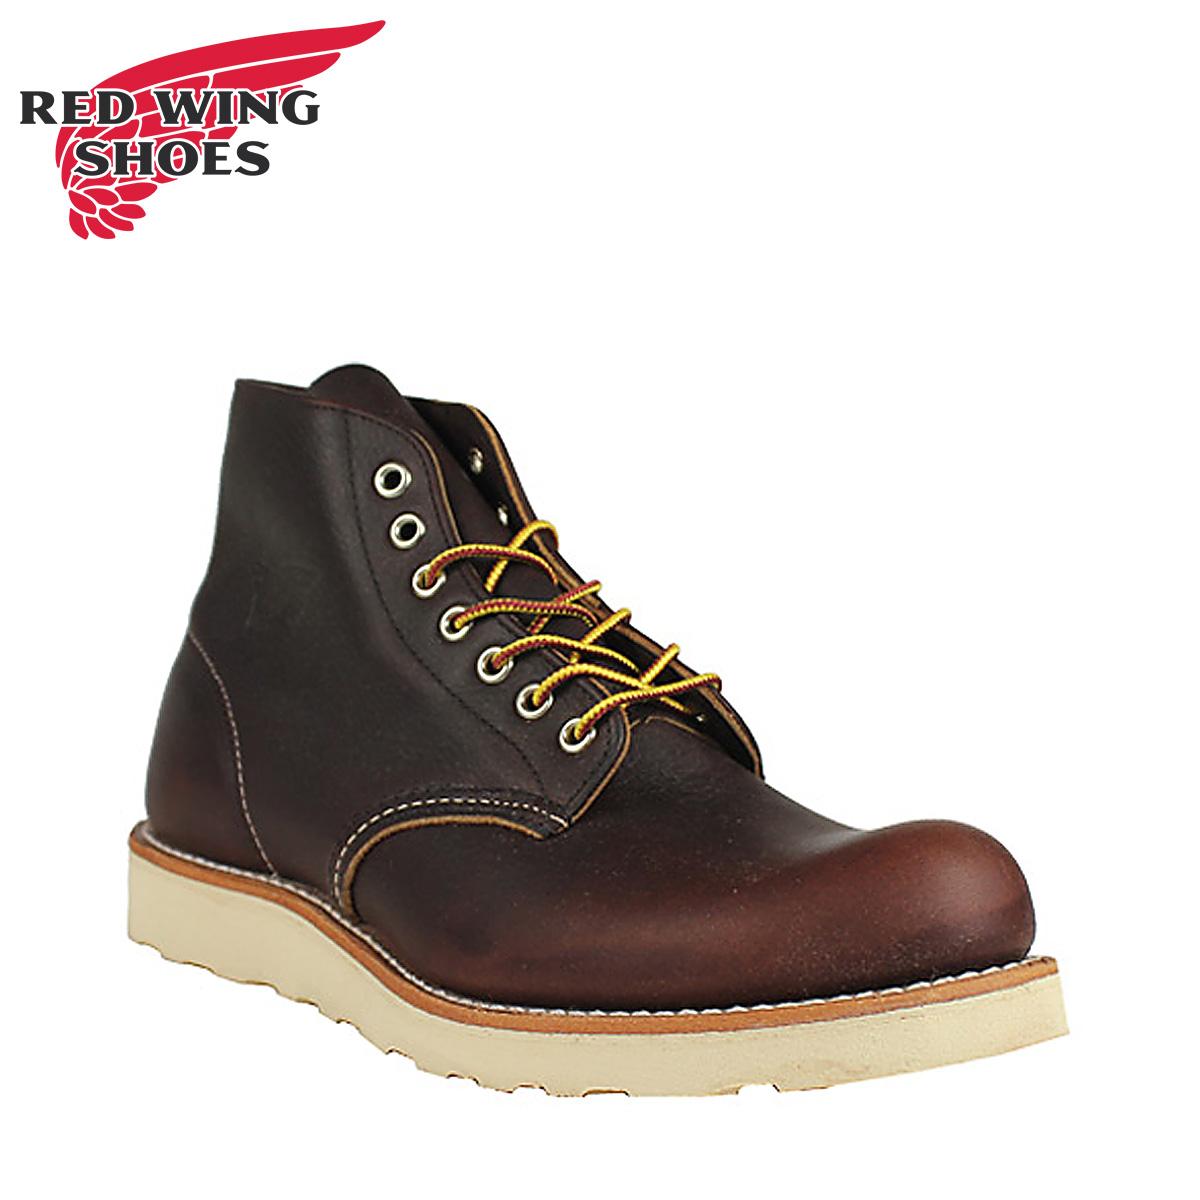 RED WING レッド 赤ウィング アイリッシュセッター ブーツ 6INCH CLASSIC ROUND 6インチ クラシック ラウンドトゥ Dワイズ 8196 レッド 赤ウイング メンズ